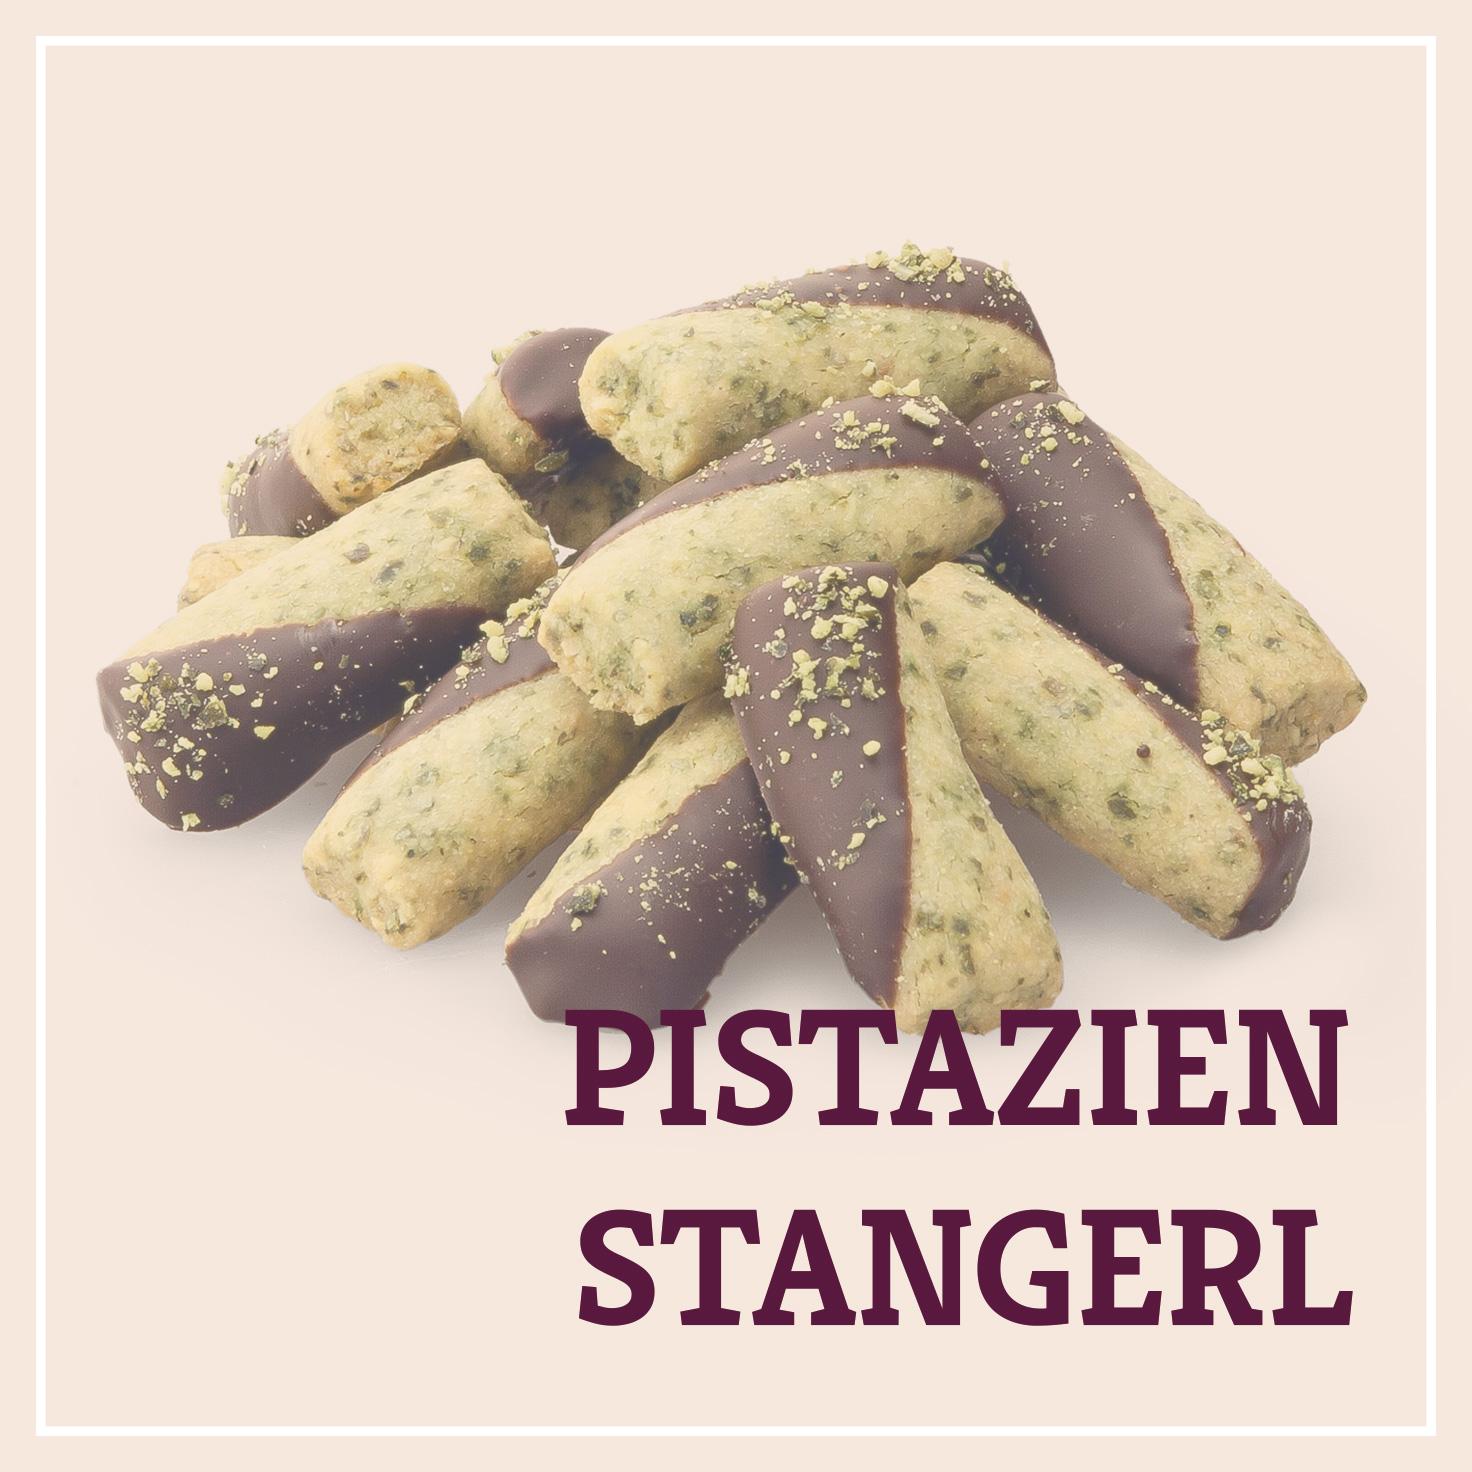 Heiss & Süß - Pistazienstangerl